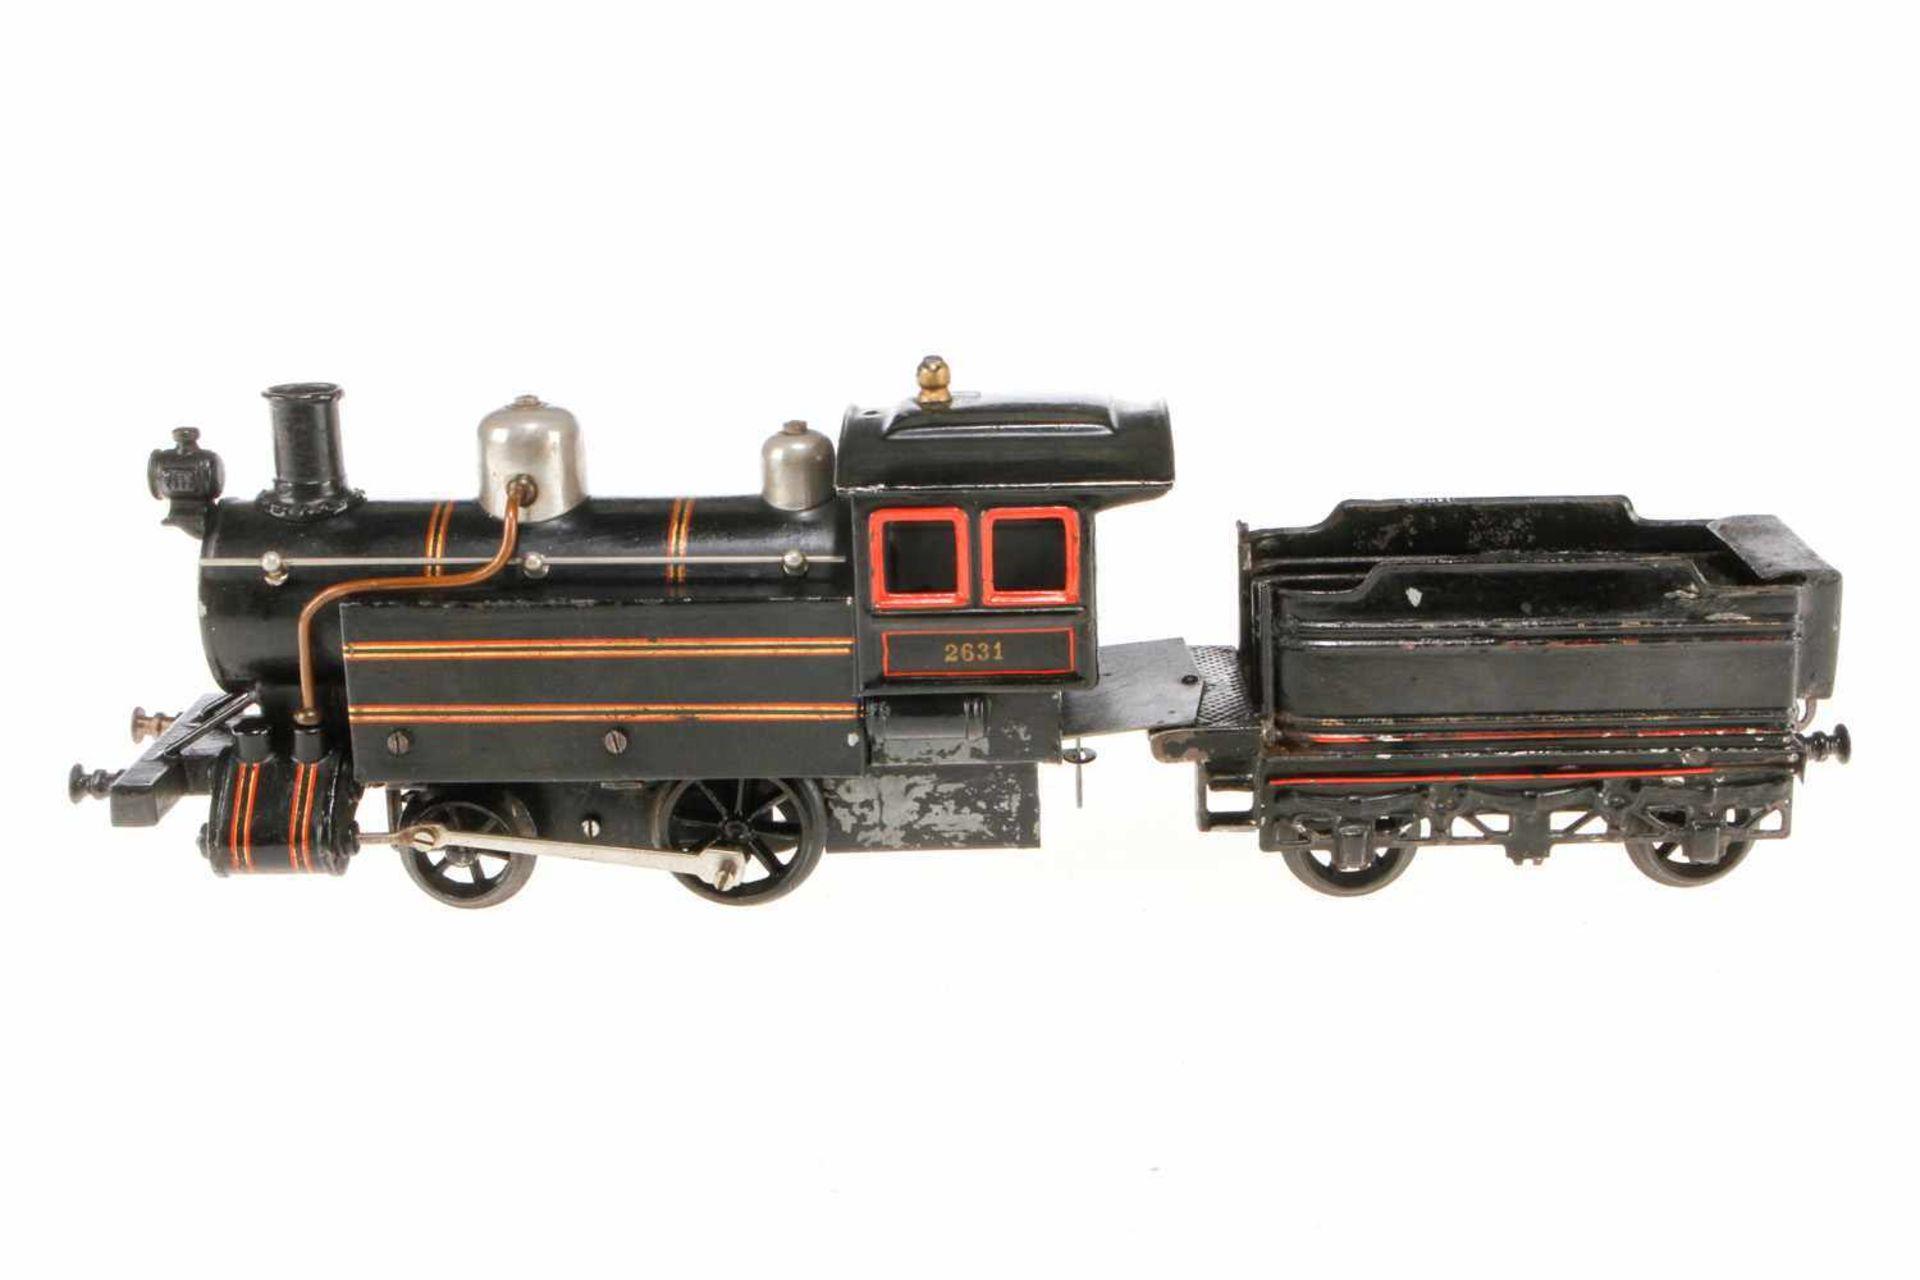 Bing 1-A Dampflok, S 1, Starkstrom, HL, mit Tender und 1 imit. Stirnlampe, 1 Puffer ersetzt und